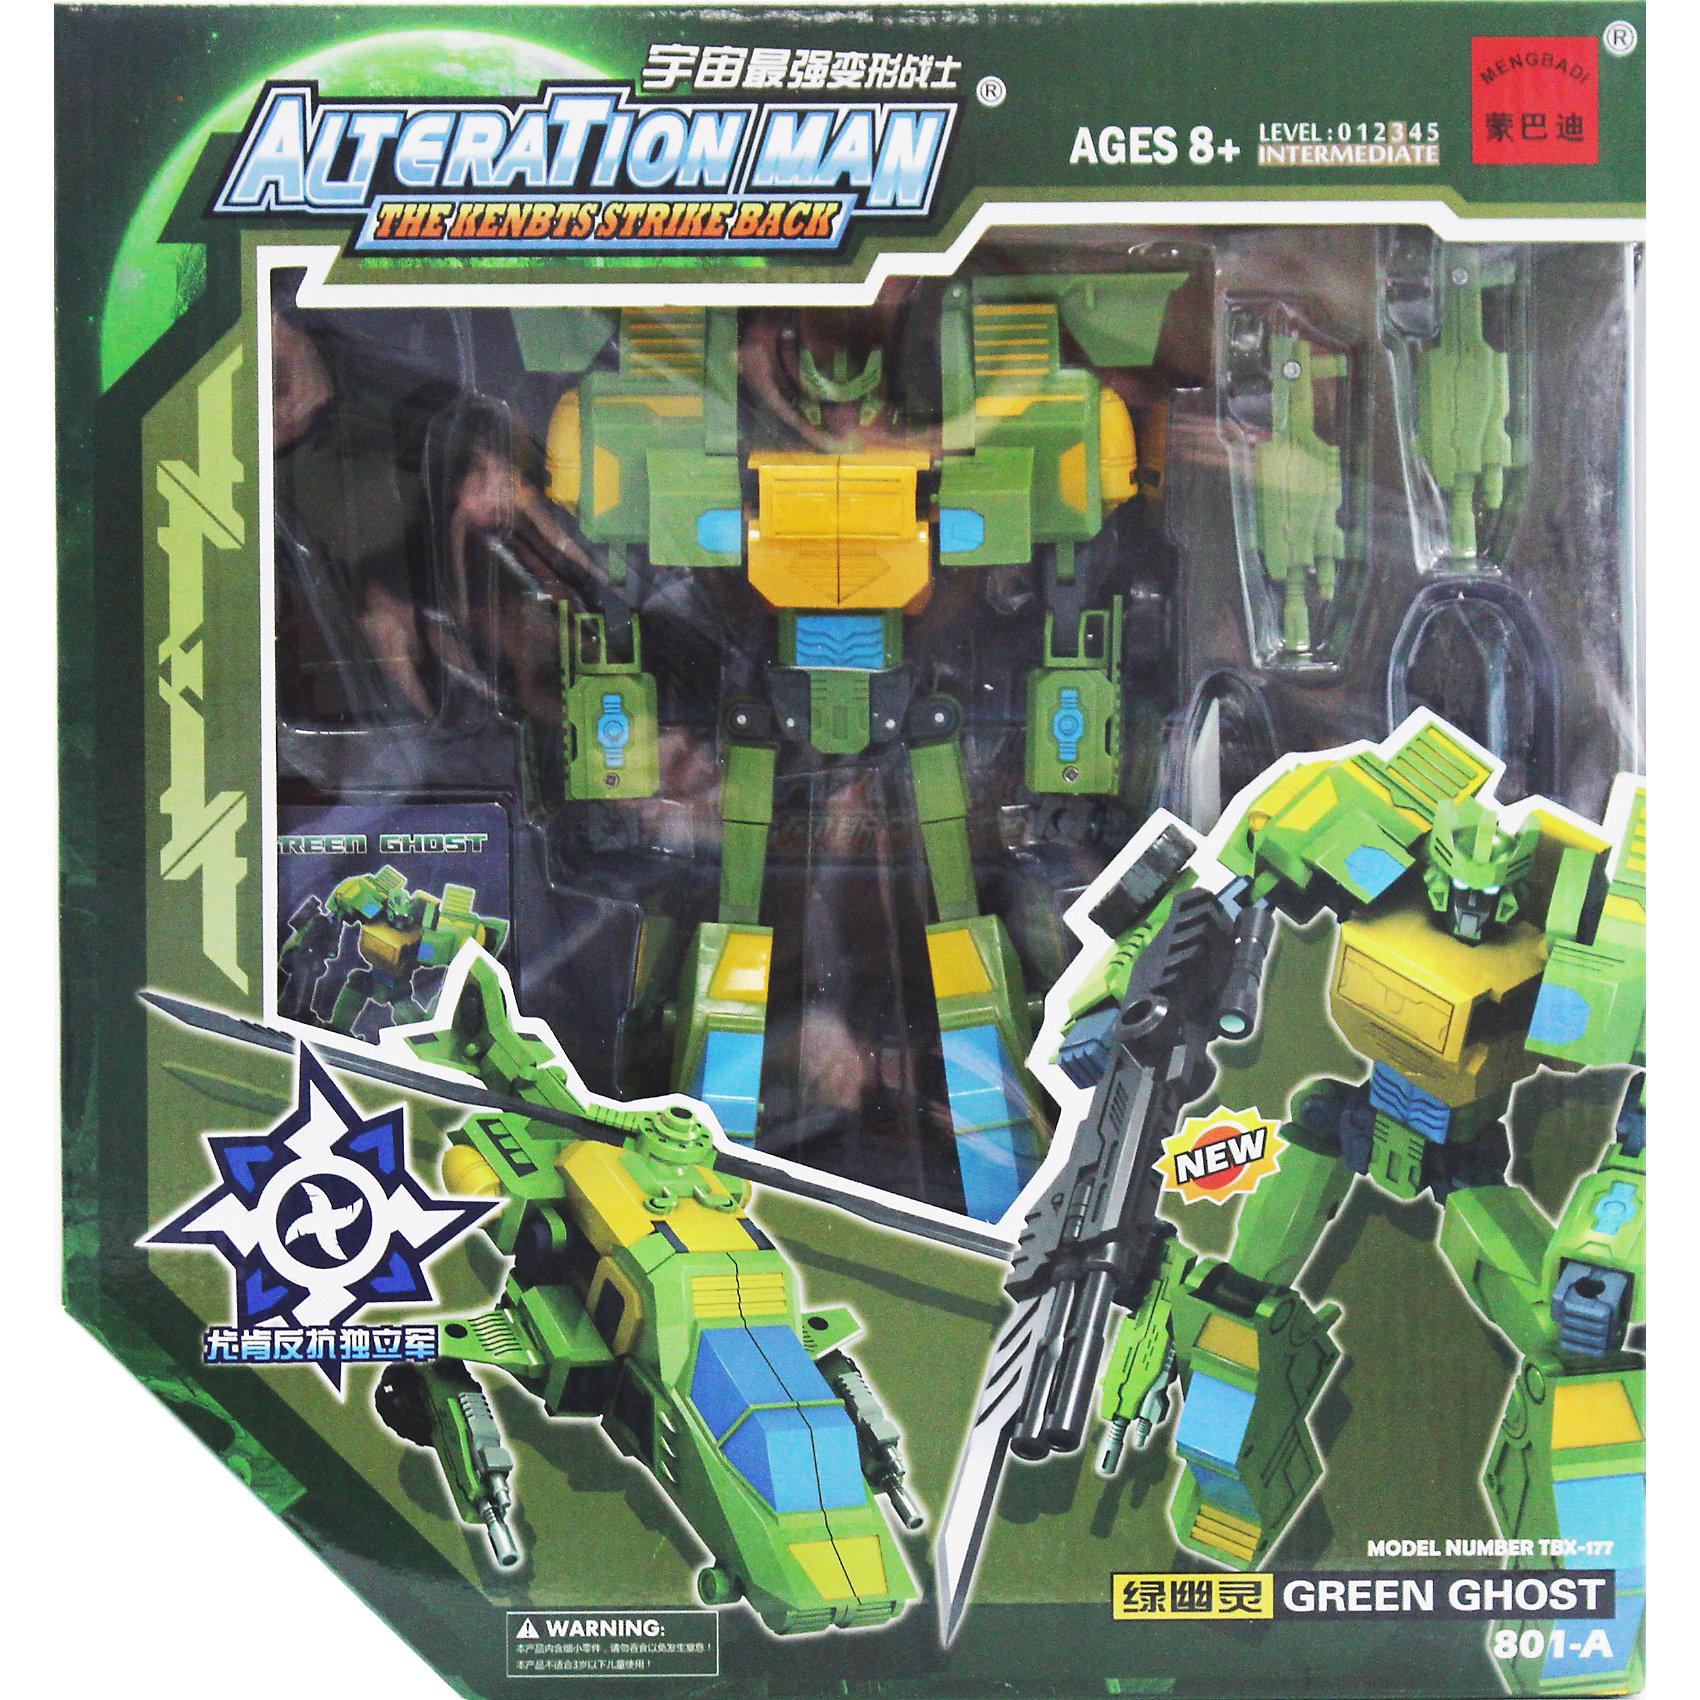 Робот-трансформер: Собирается в Вертолет XL, Play LineРобот-трансформер: Собирается в Вертолет XL, Play Line (Плей Лайн) - увлекательная игрушка для мальчиков, развивающая фантазию и логическое мышление, ведь это не одна, а две различные игрушки – робот и вертолет. Ваш ребенок сможет придумывать все новые и новые сюжеты для игры.<br><br>Дополнительная информация:<br><br>- Размер упаковки (ДхШхВ): 33х11х31 см<br>- Вес: 300 г<br><br>Робот-трансформер: Собирается в Вертолет XL, Play Line (Плей Лайн)  станет желанным подарком для Вашего ребенка, с которым он почувствует себя главным героем фильма или мультфильма про Трансформеров и надолго увлечет его.<br><br>Робот-трансформер: Собирается в Вертолет XL, Play Line (Плей Лайн) можно купить в нашем магазине.<br><br>Ширина мм: 110<br>Глубина мм: 310<br>Высота мм: 330<br>Вес г: 300<br>Возраст от месяцев: 36<br>Возраст до месяцев: 144<br>Пол: Мужской<br>Возраст: Детский<br>SKU: 3539023